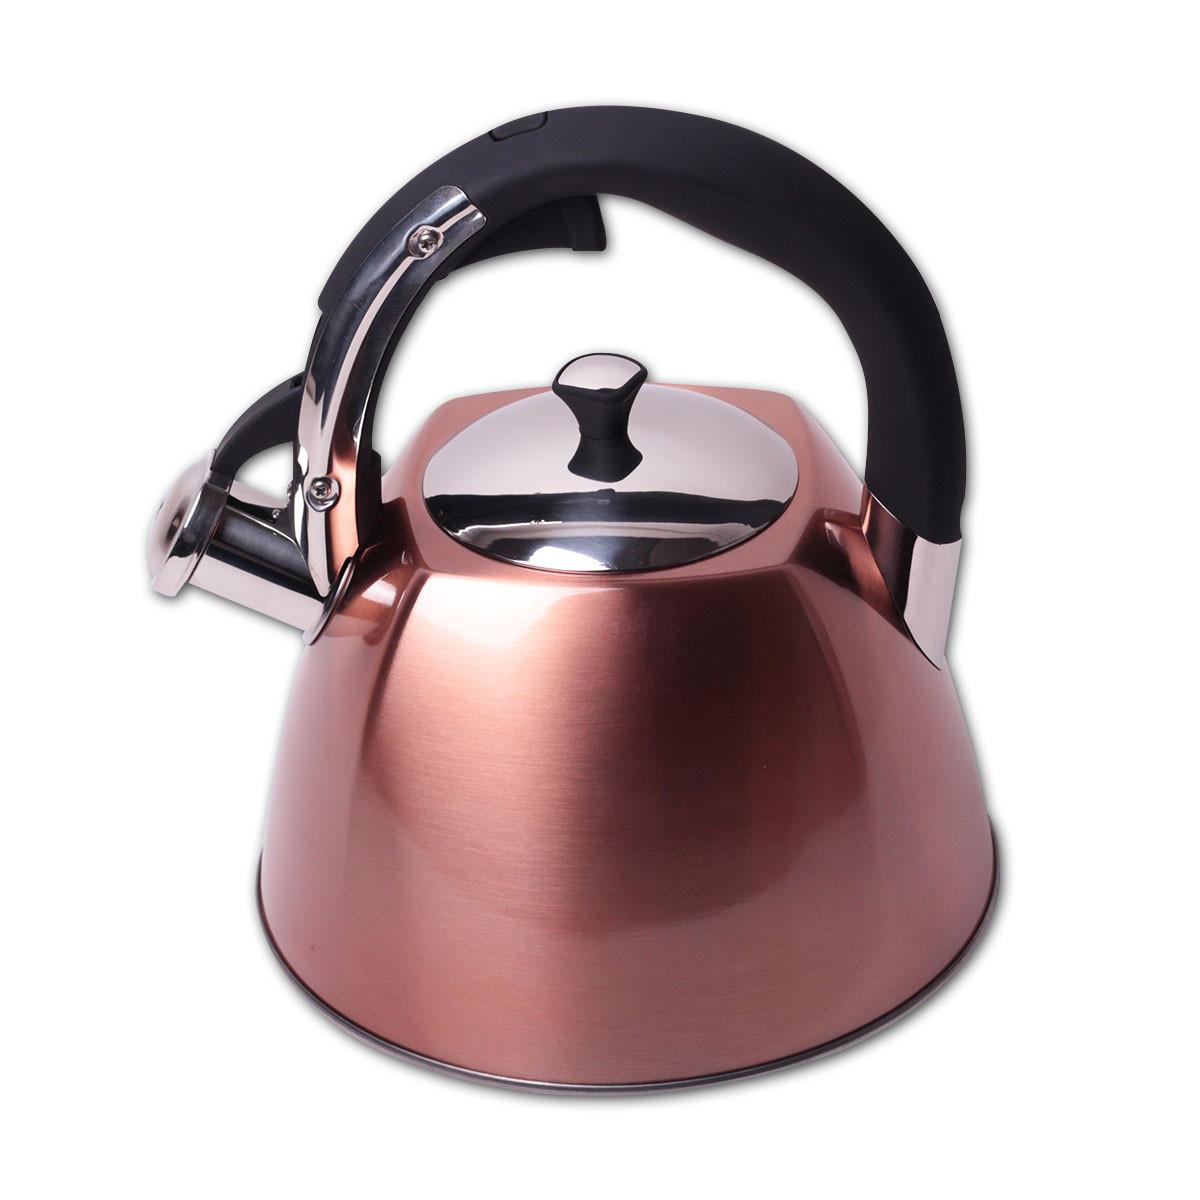 Чайник 3л из нержавеющей стали со свистком и черной бакелитовой ручкой для индукции